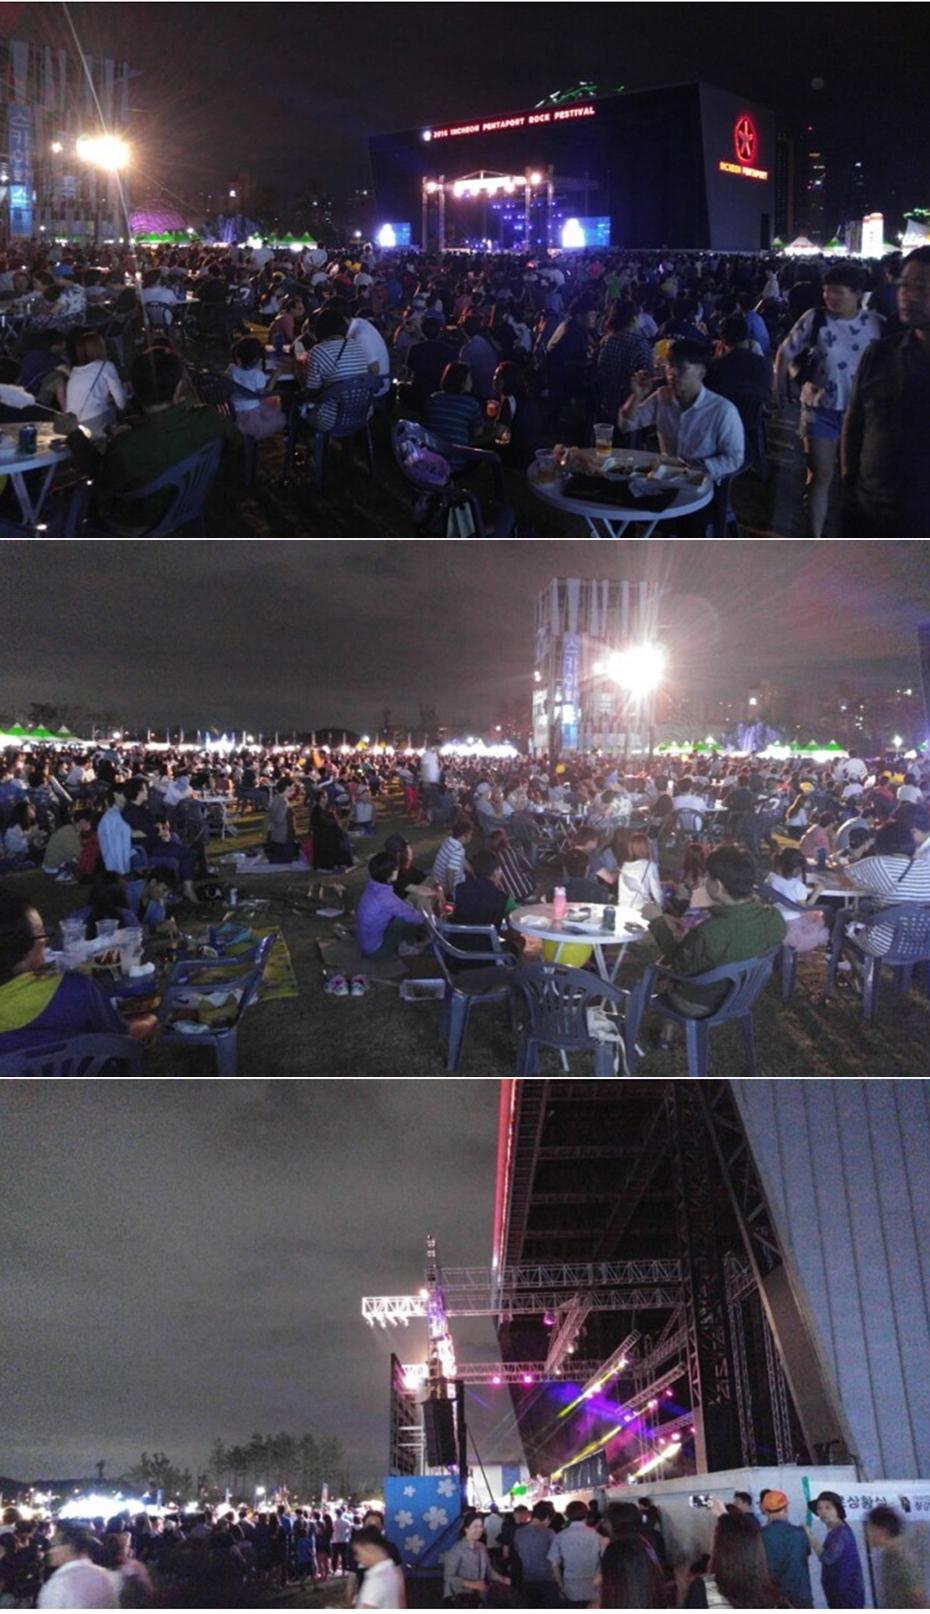 송도-세계문화축제-맥주축제-모습